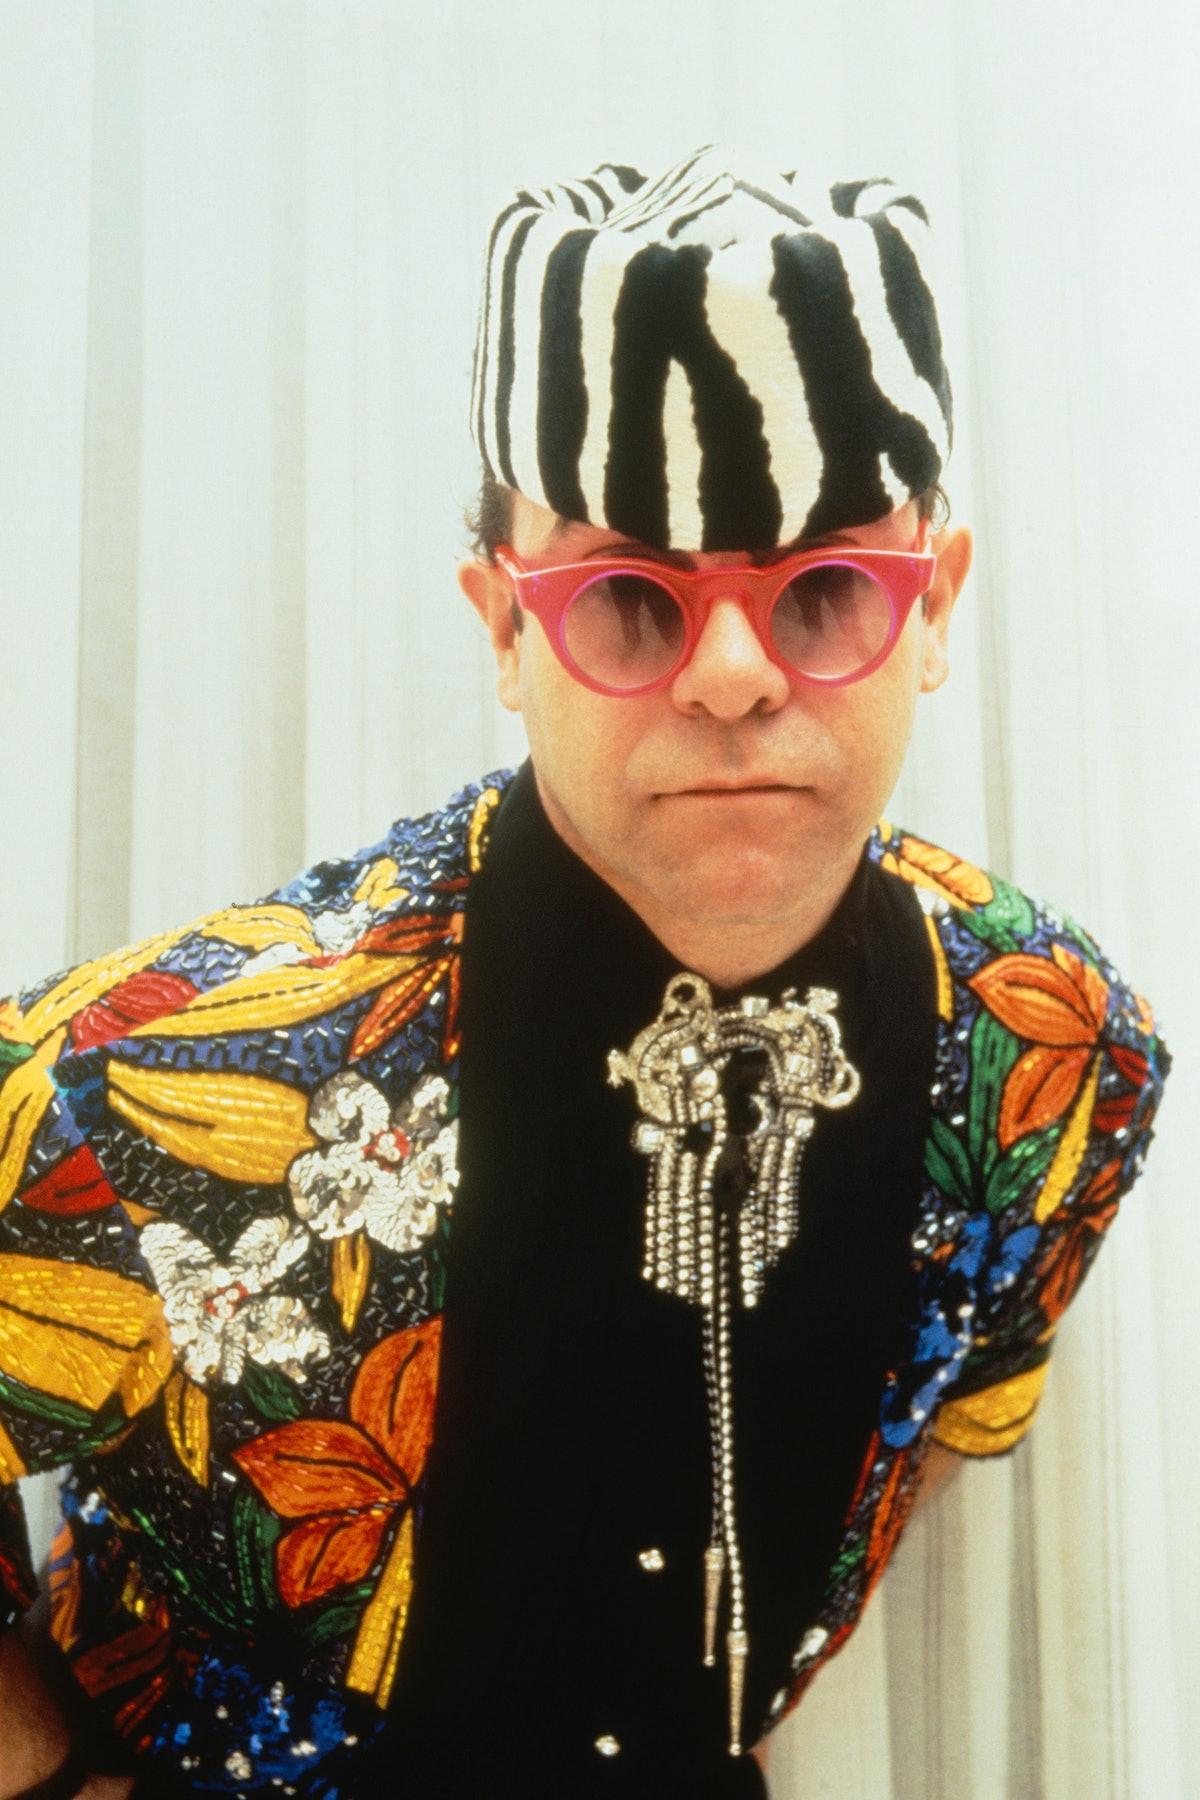 British singer Elton John